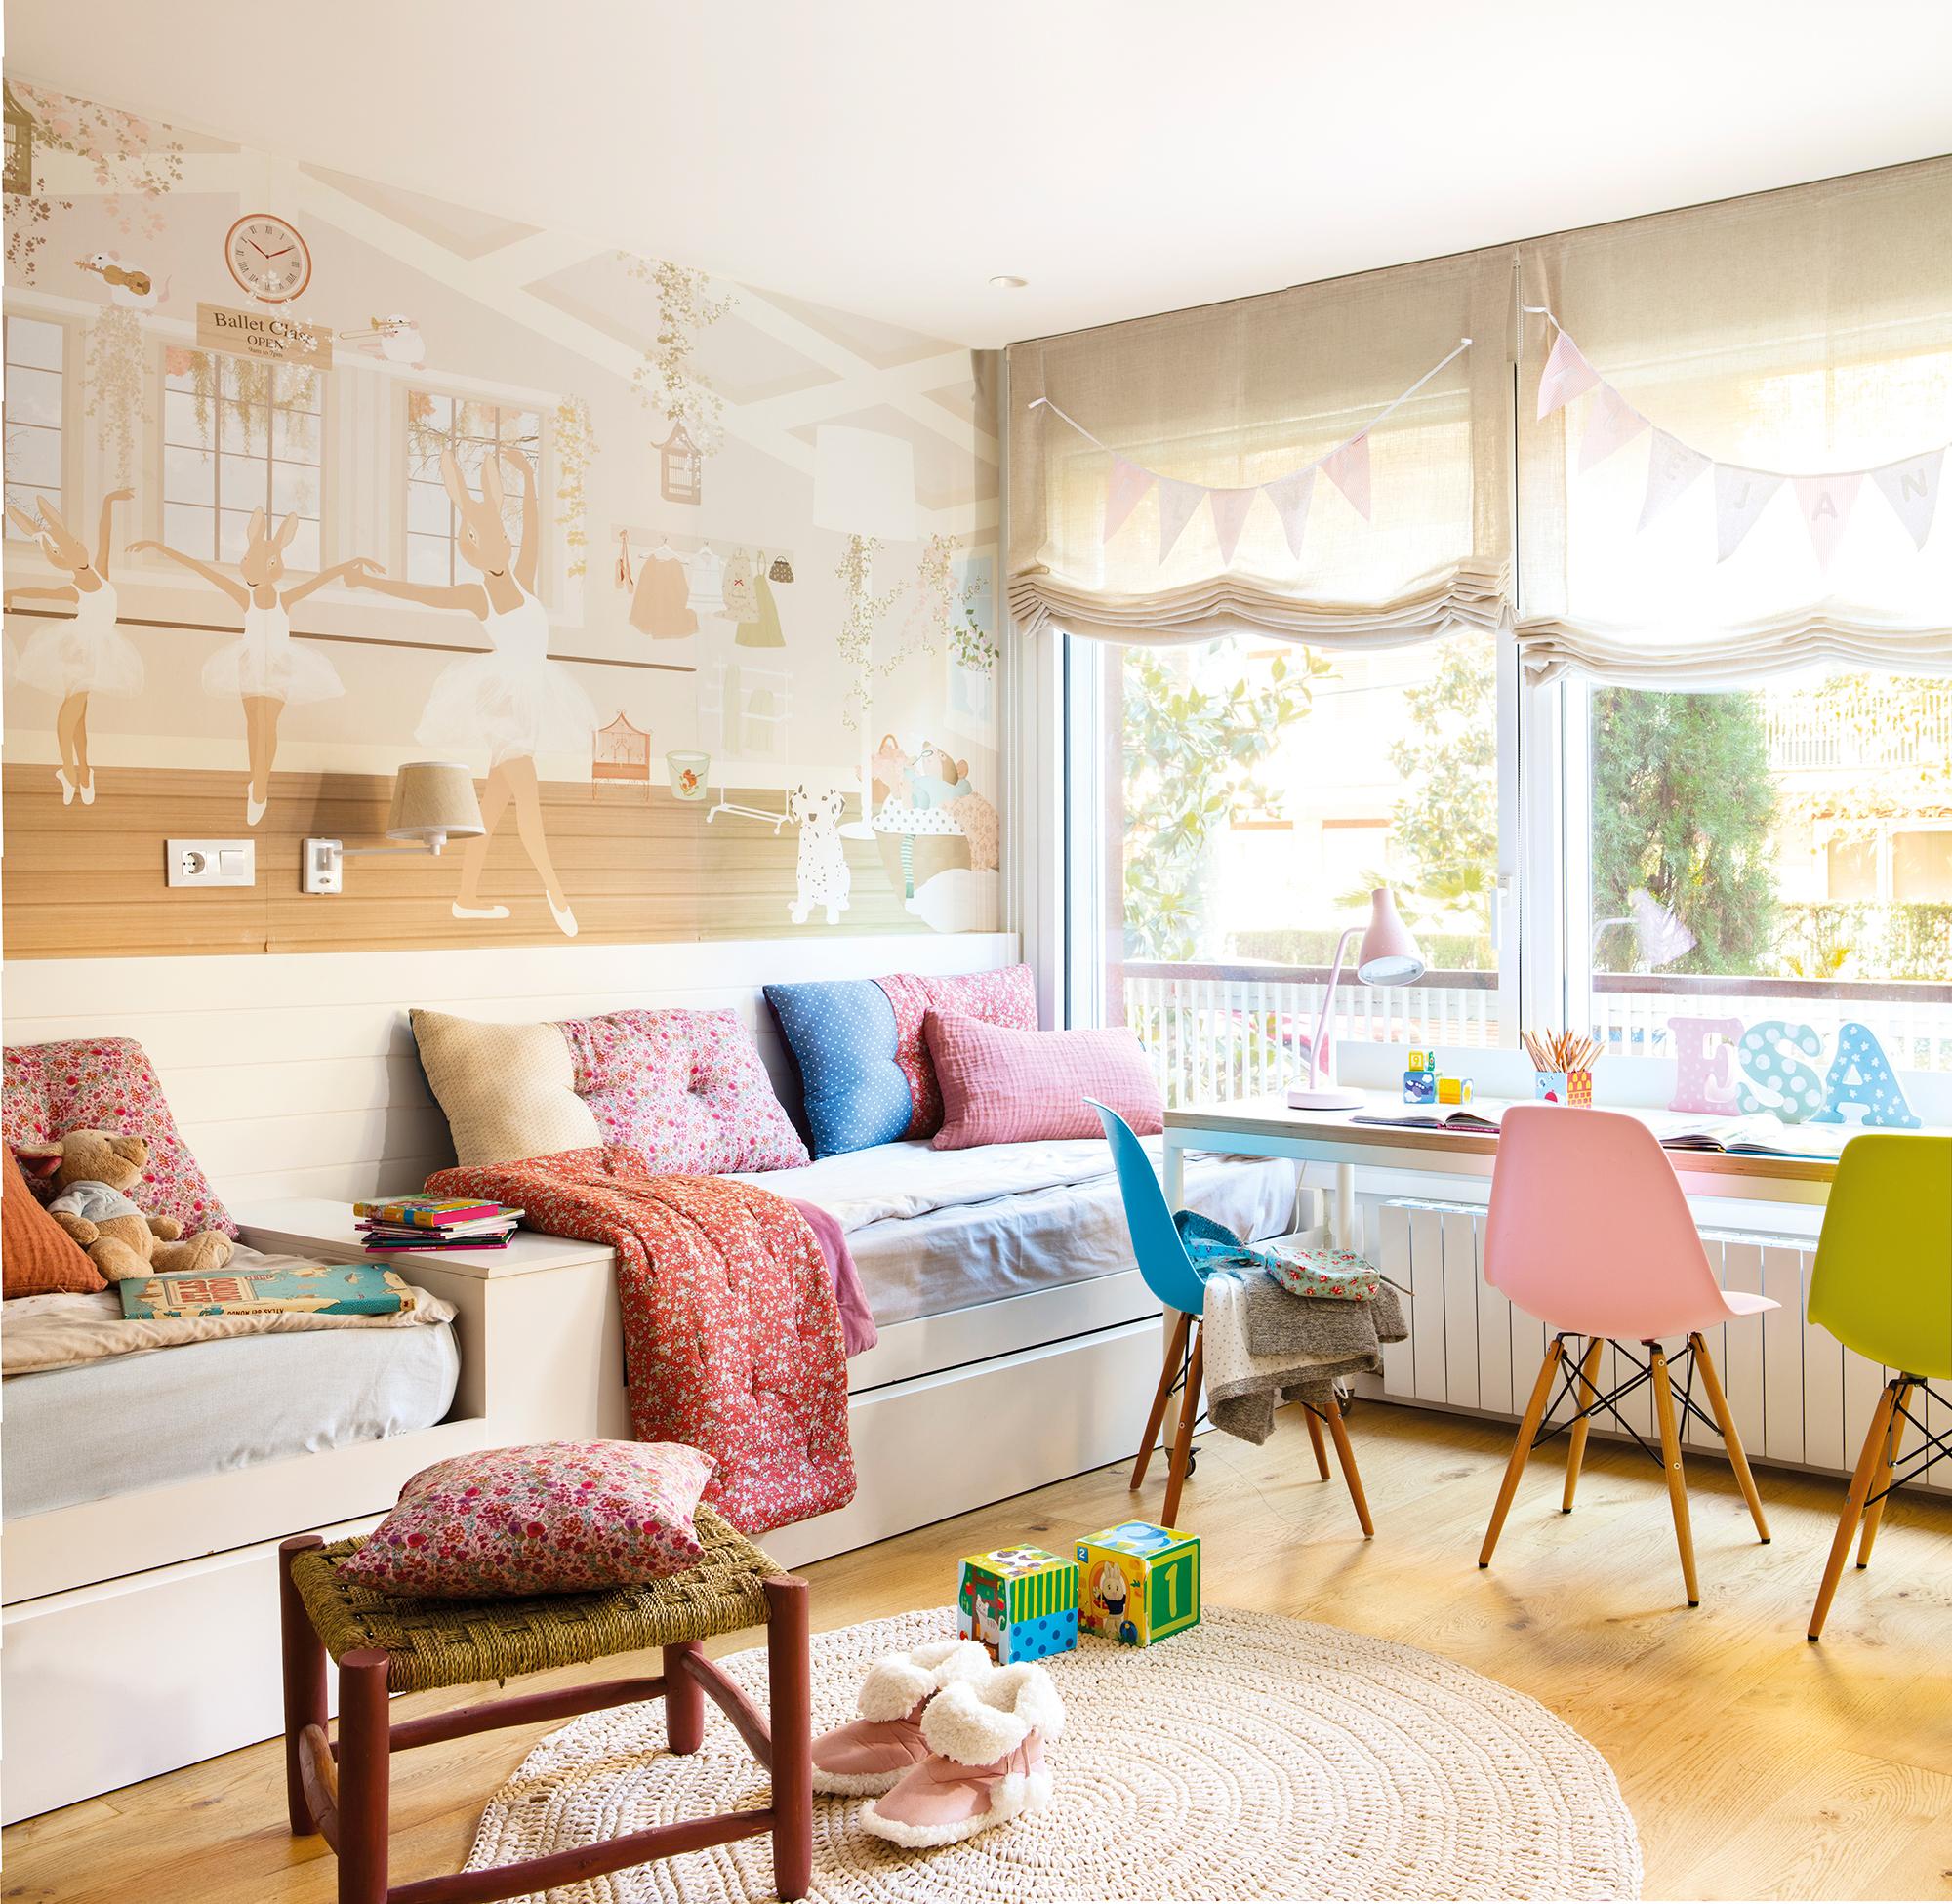 Distribuir la habitaci n infantil 5 ejemplos de xito for Como distribuir una habitacion pequena